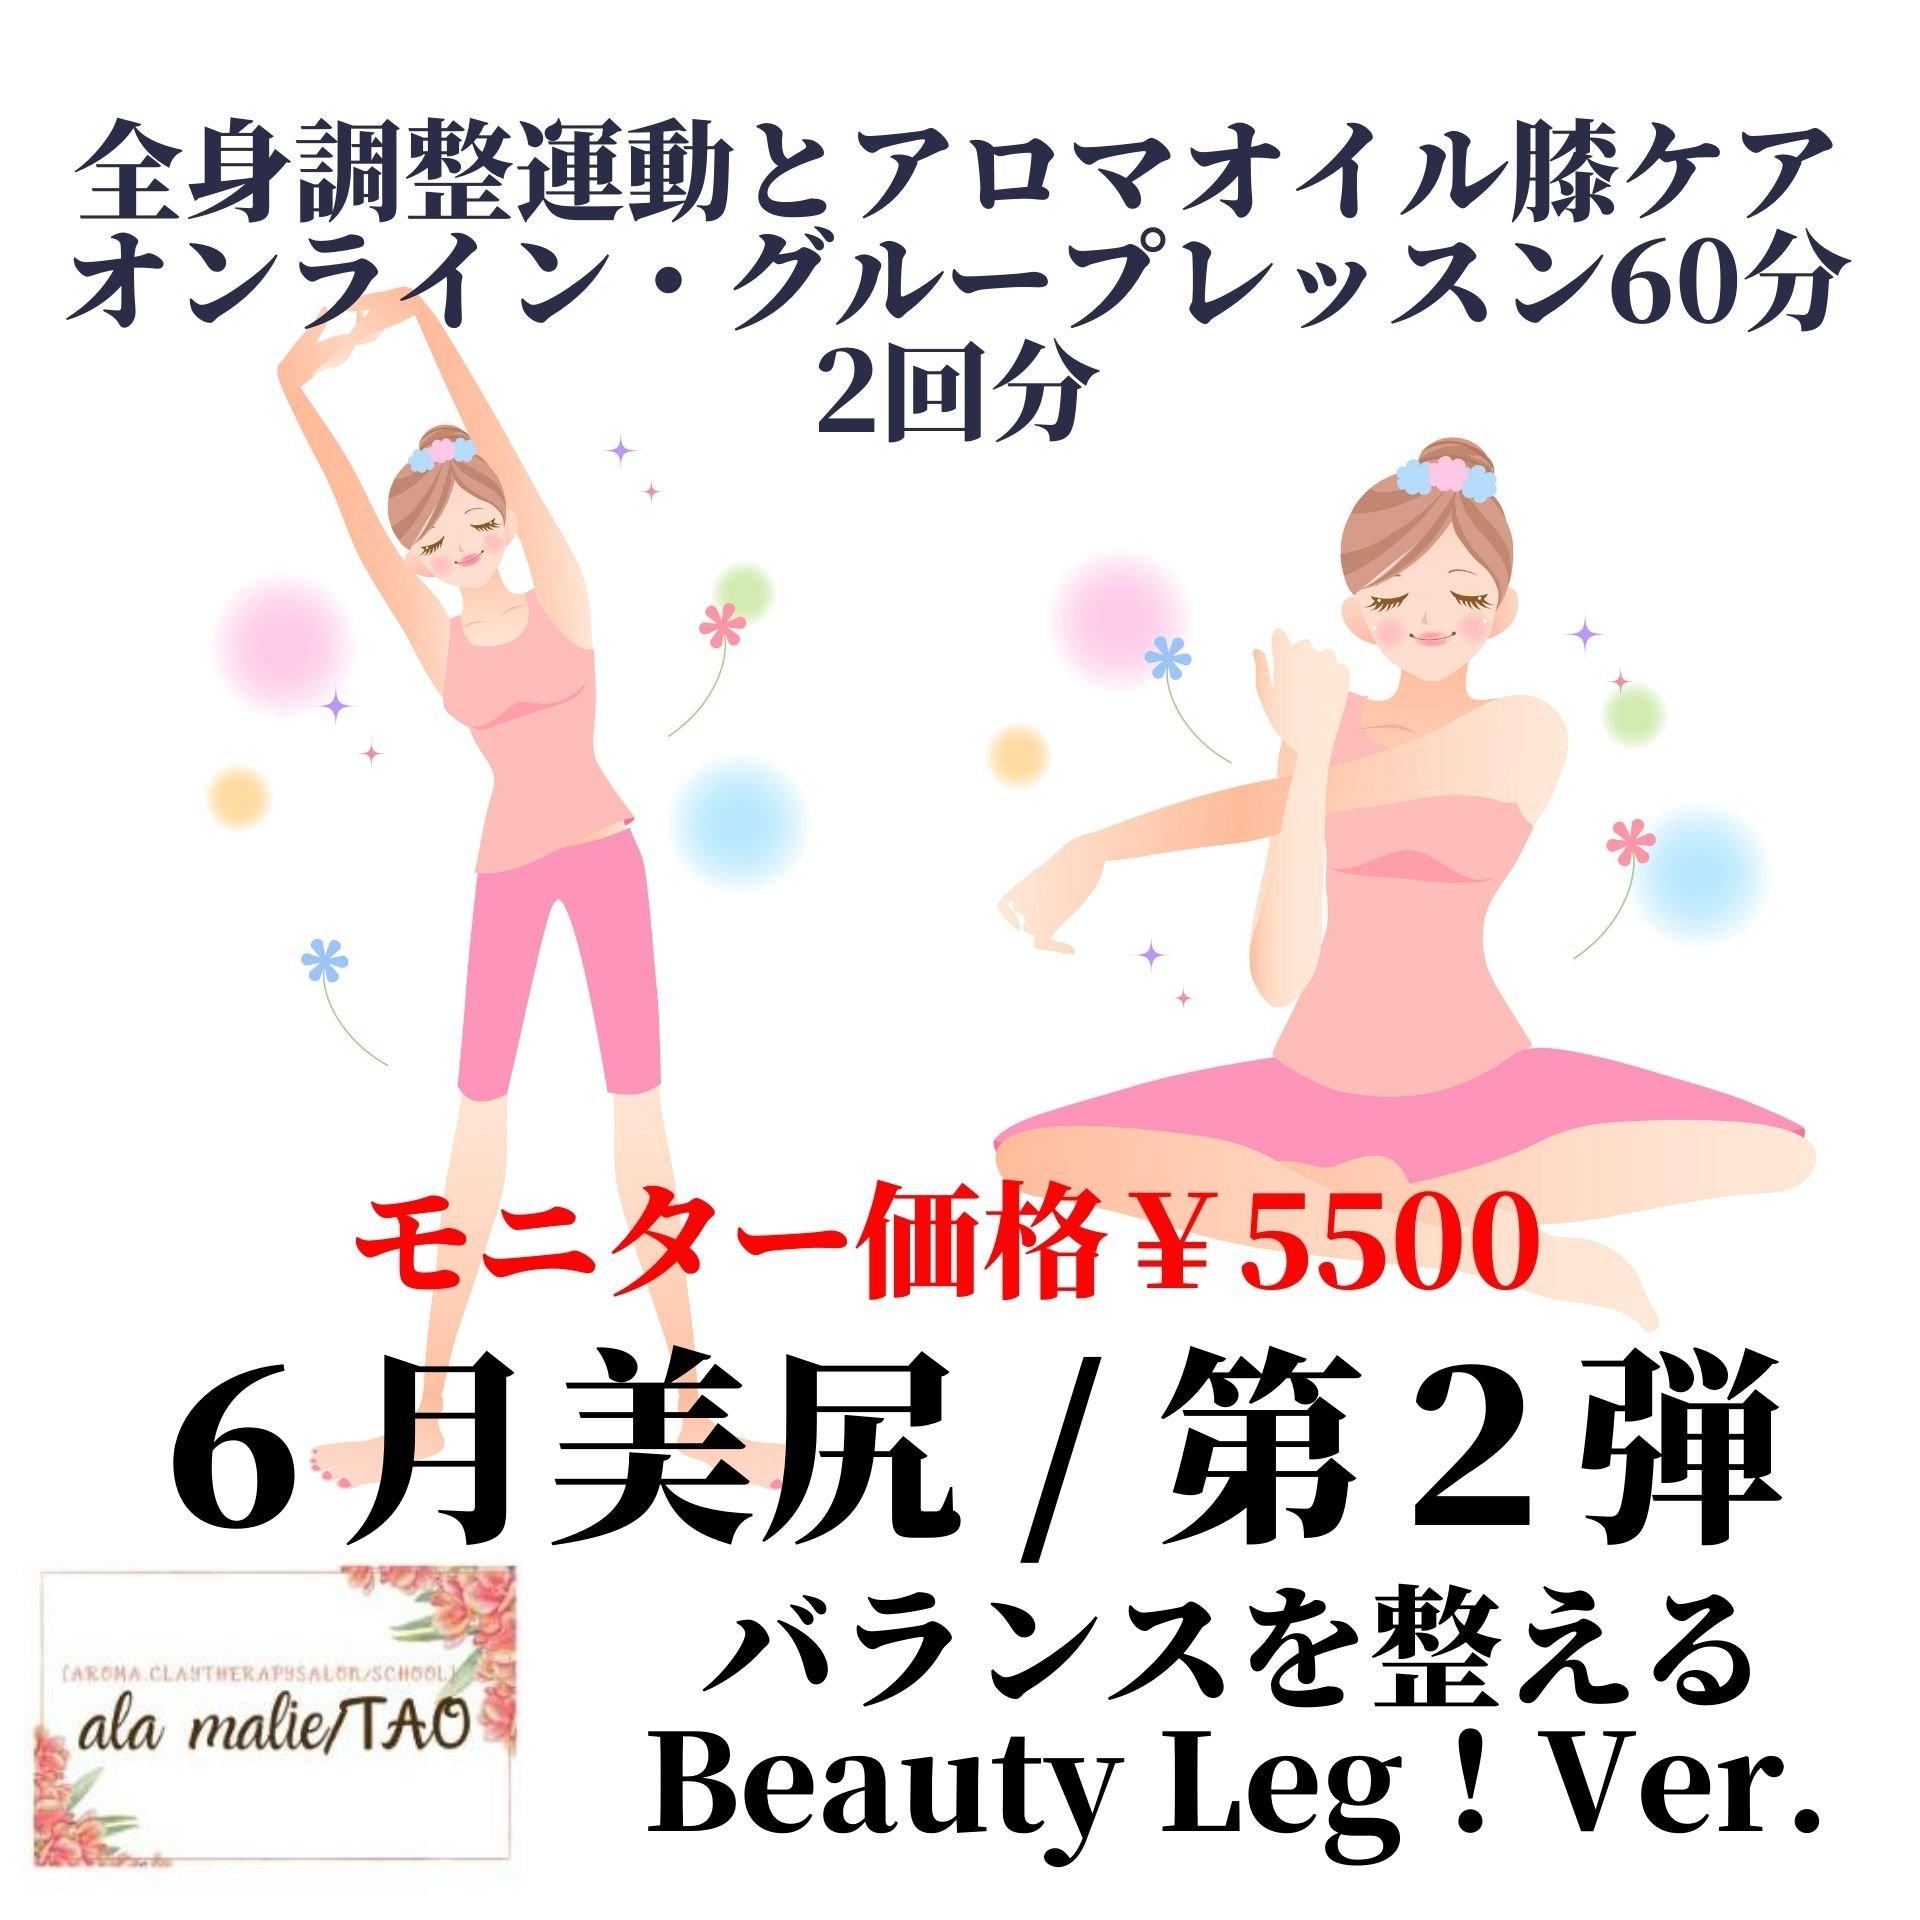 6月Beauty Leg!Ver.[姿勢は美しく・膝痛・冷え・むくみもオンラインで改善♪]からだ目覚める! 健美姿勢・健美脚作り60分グループレッスン/運動+楢林式アロマ膝ケア/モニター募集のイメージその1